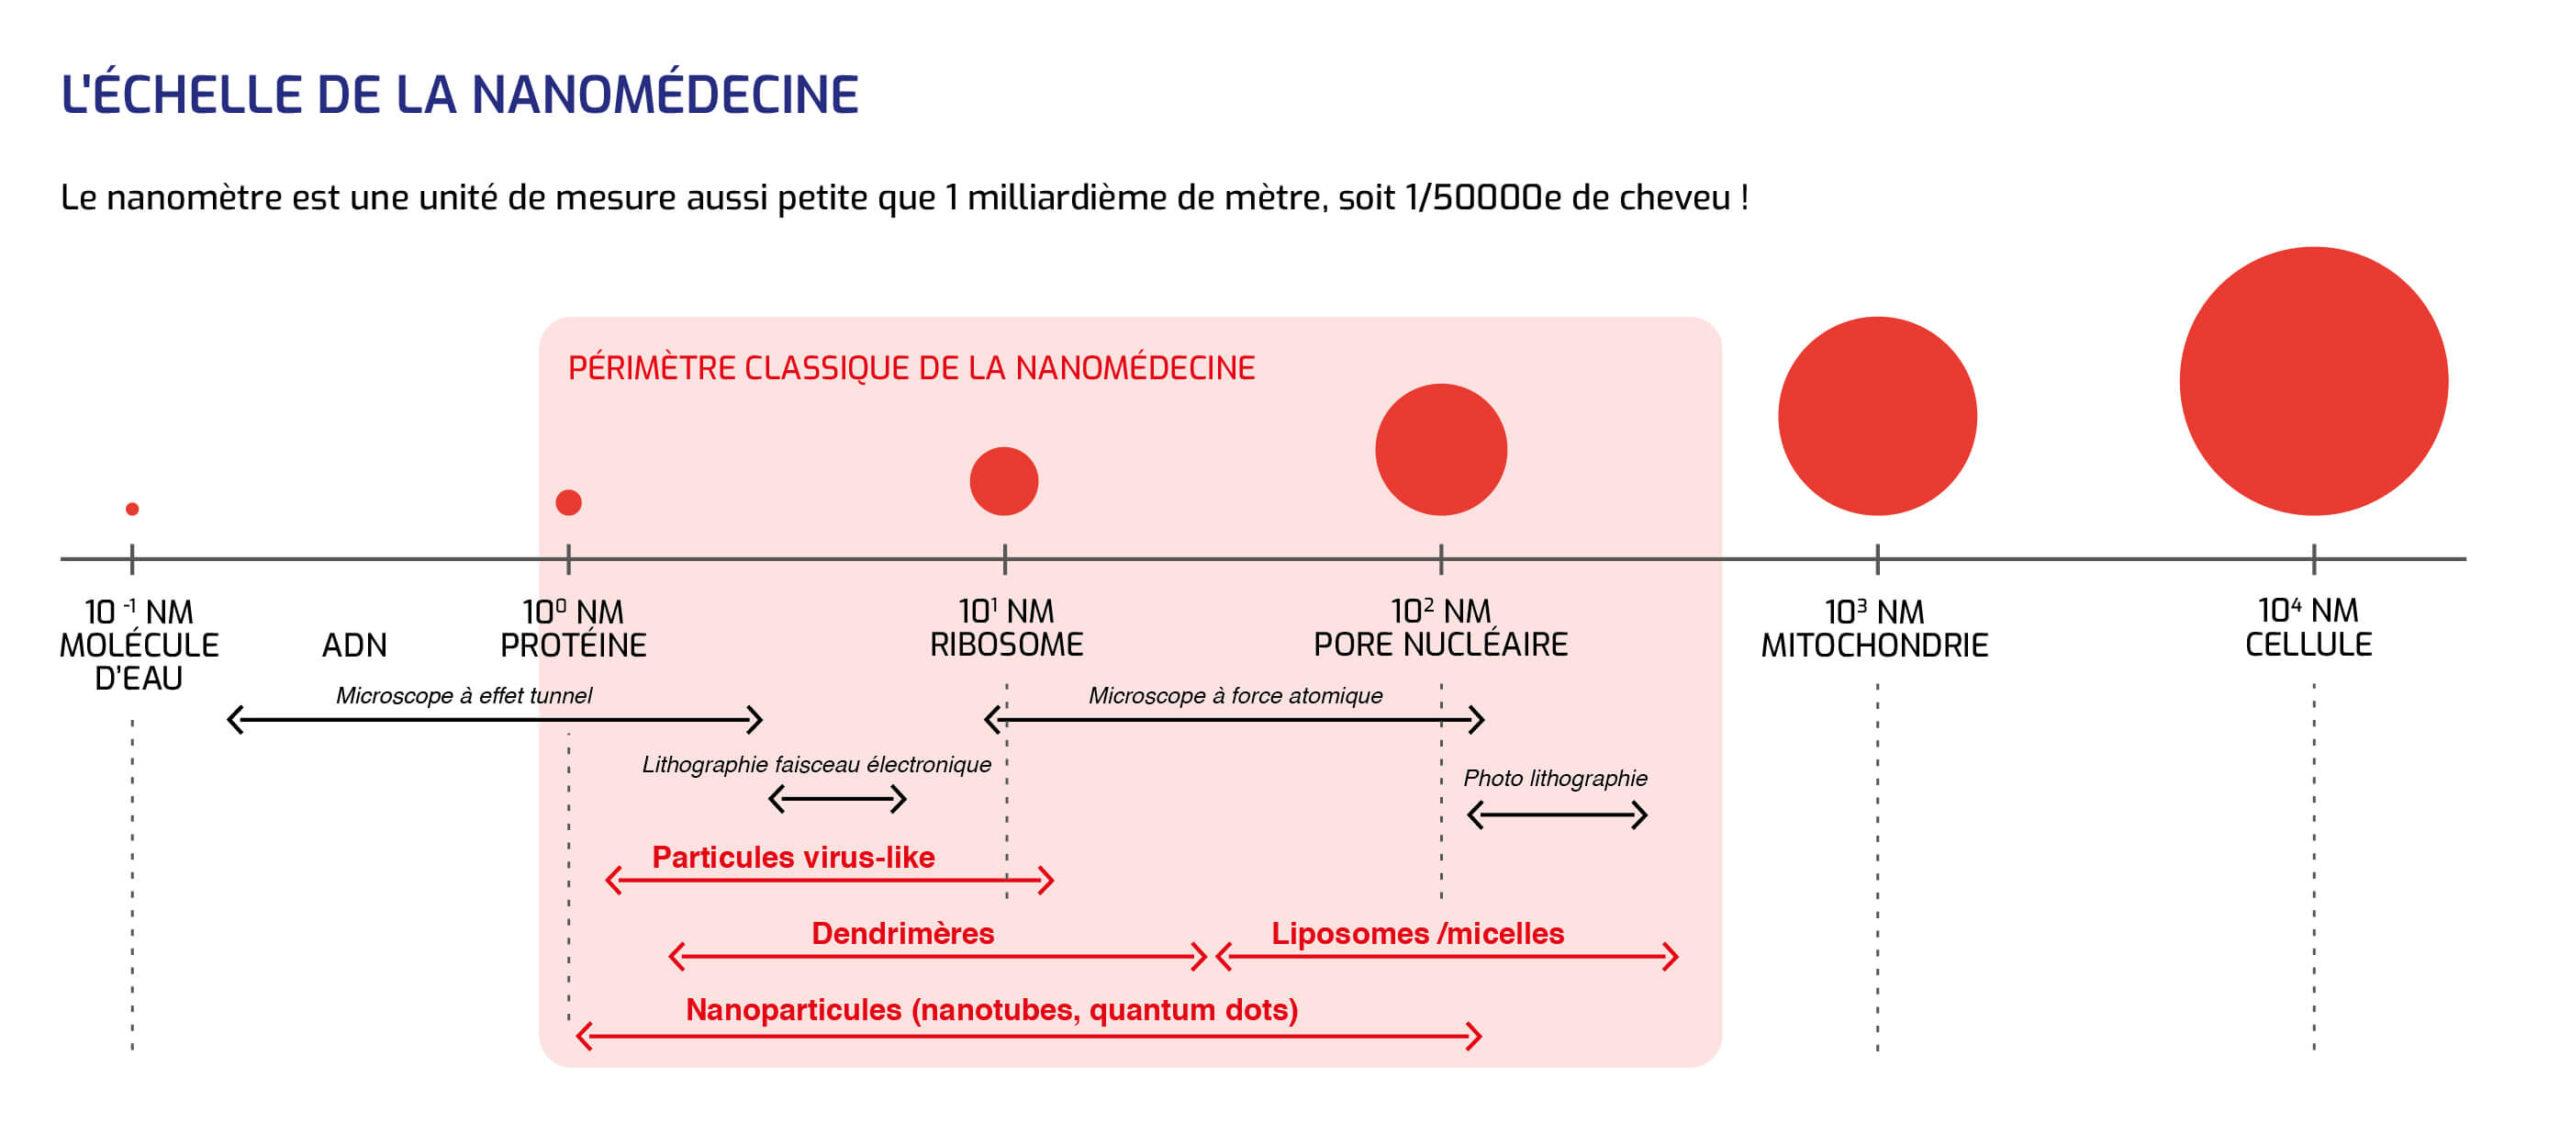 Resetarea Medicinei sau Resetarea Omenirii prin Nanotehnologie